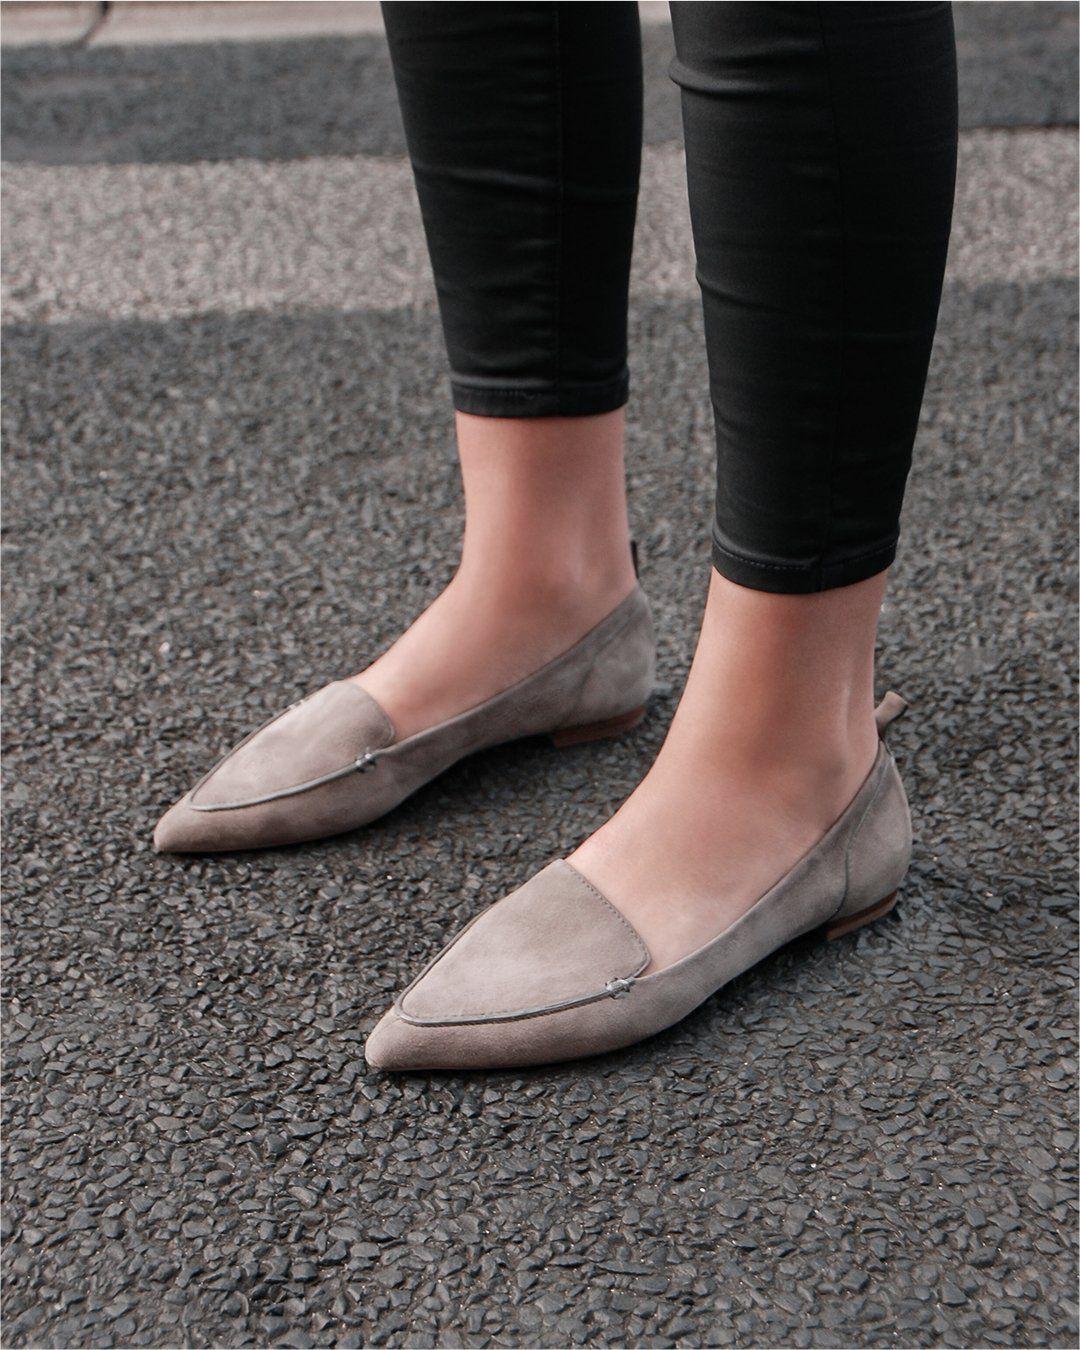 Cara Paling Mudah dan Cepat Mencuci Flat Shoes